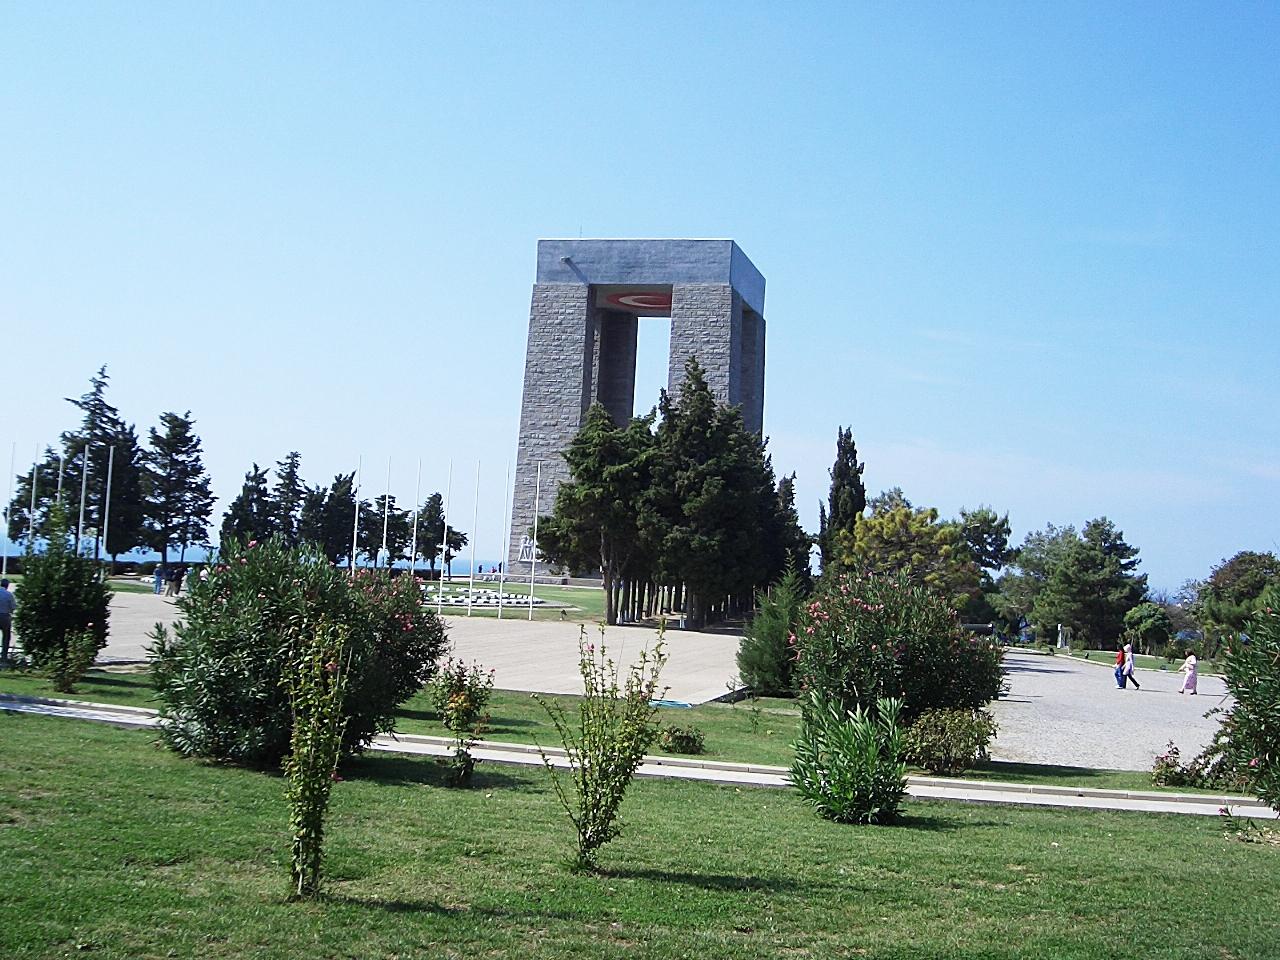 File:Çanakkale Şehitleri Anıtı.JPG - Wikimedia Commons